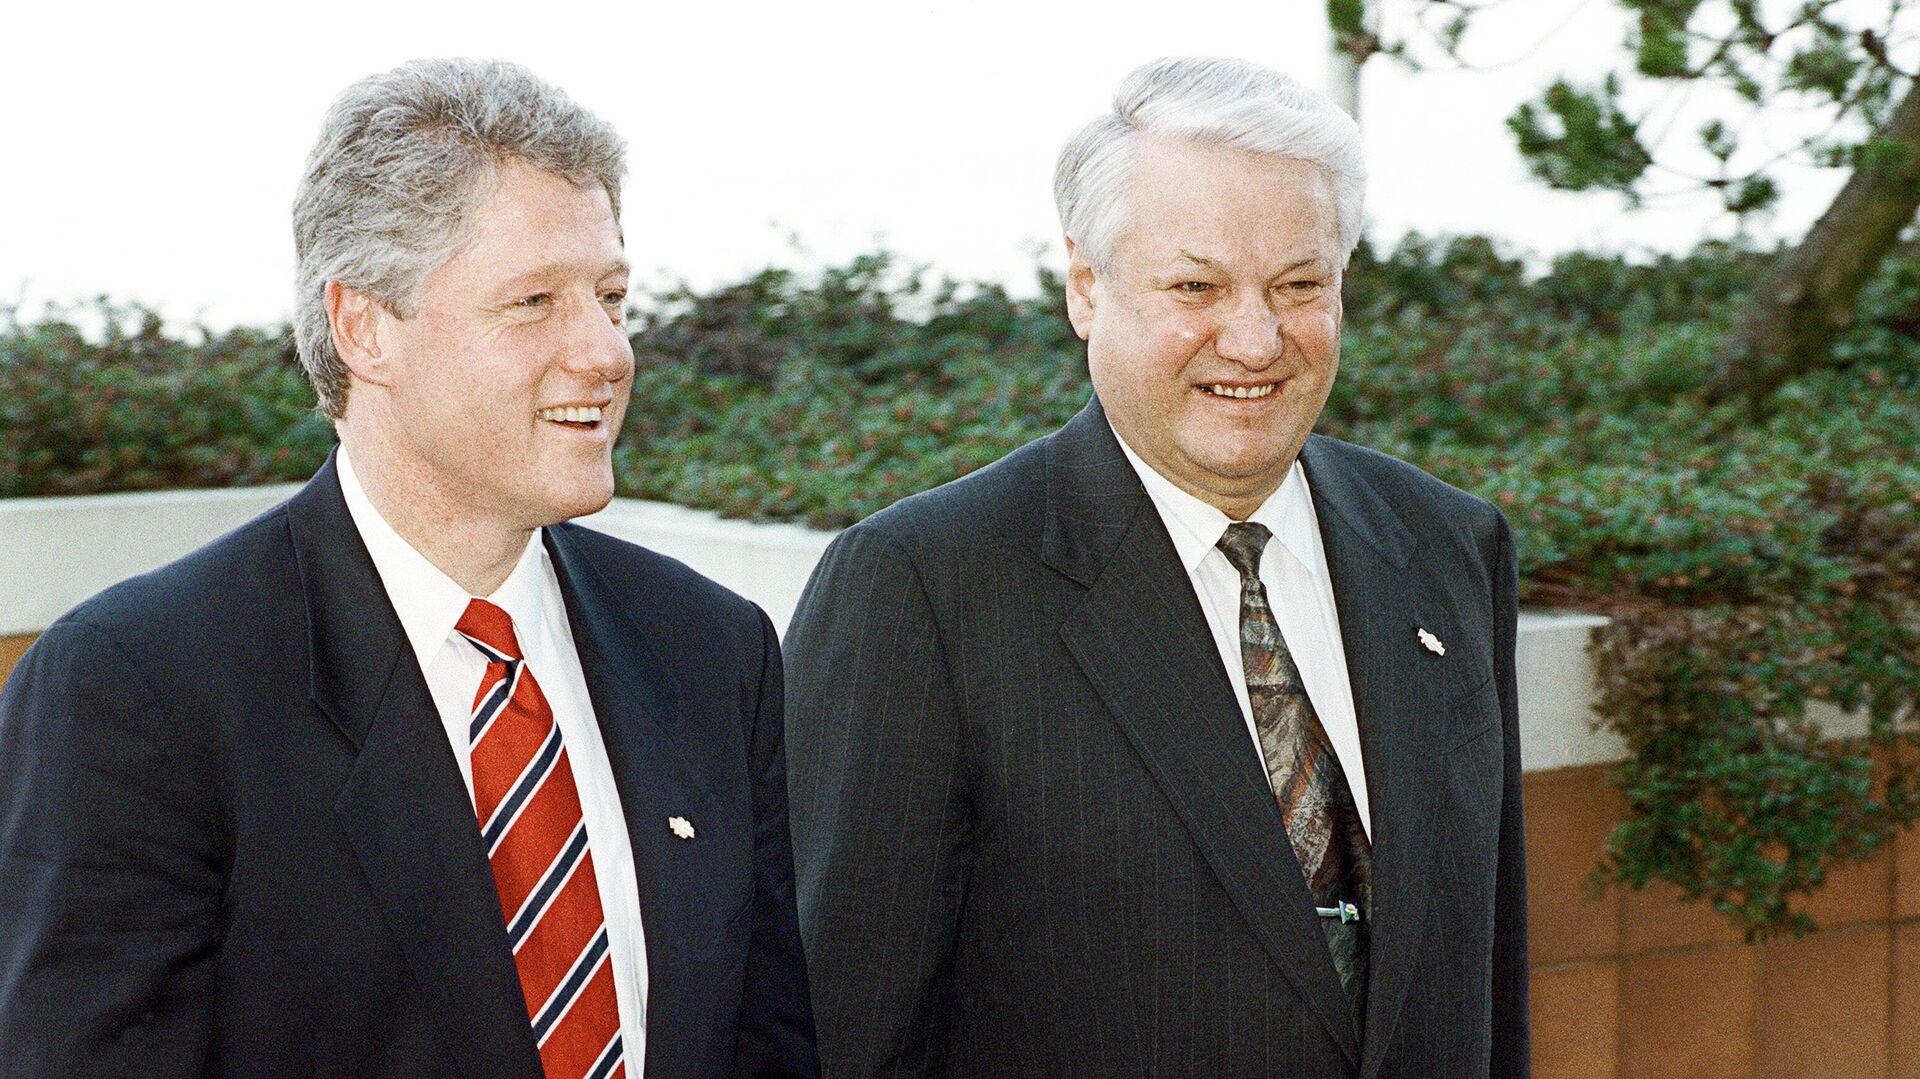 El expresidente de Rusia Borís Yeltsin (dcha.) con su homólogo estadunidense Bill Clinton (izda.) durante la reunión en la ciudad canadiense de Vancouver en 1993 (archivo) - Sputnik Mundo, 1920, 15.06.2021